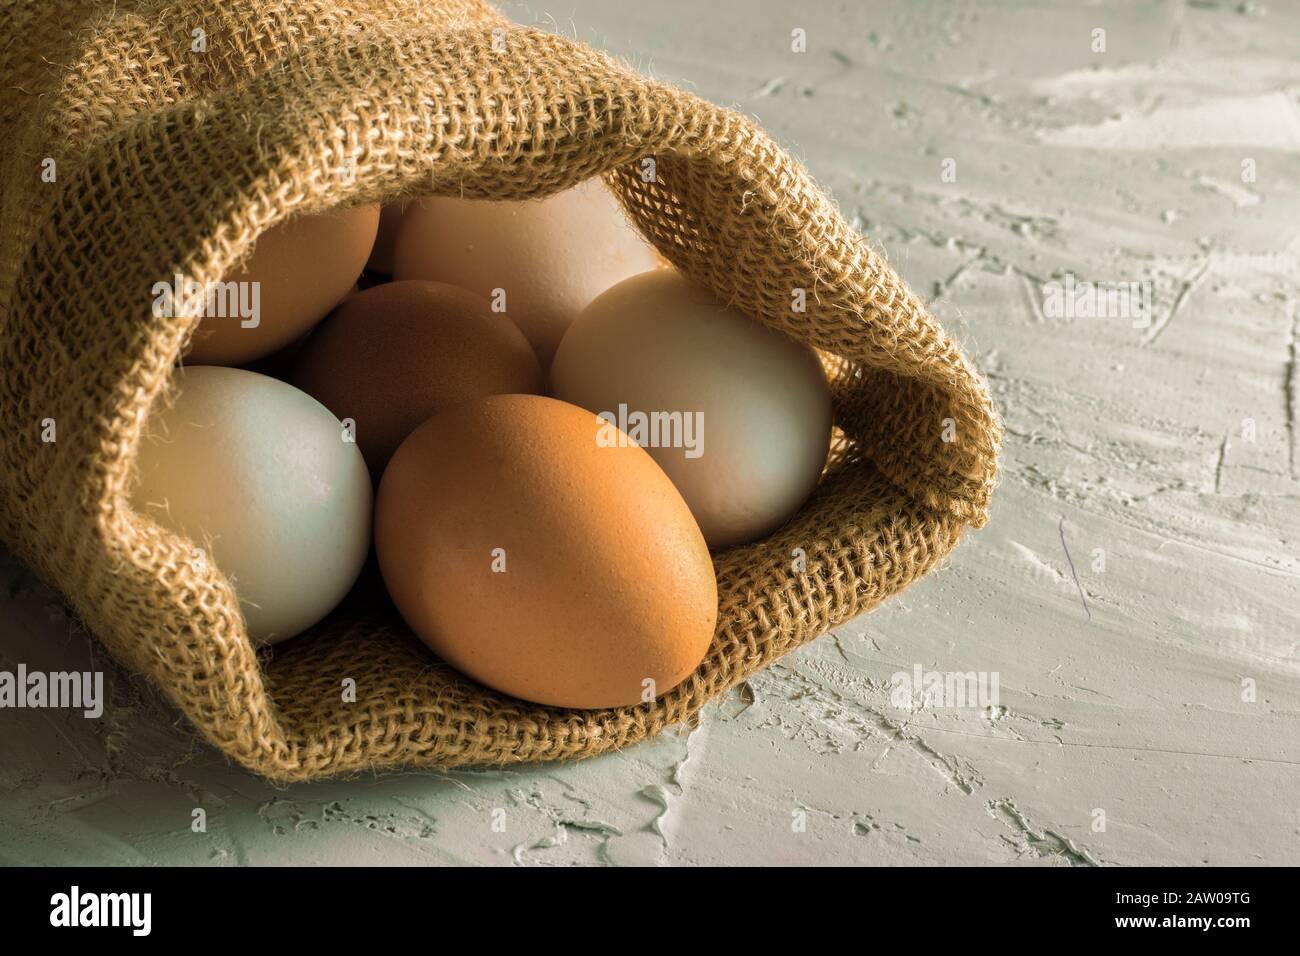 Sin tela de plástico, cierre los huevos libres de plástico, marrón y blanco en la bolsa ecológica, copie los alimentos del espacio Foto de stock